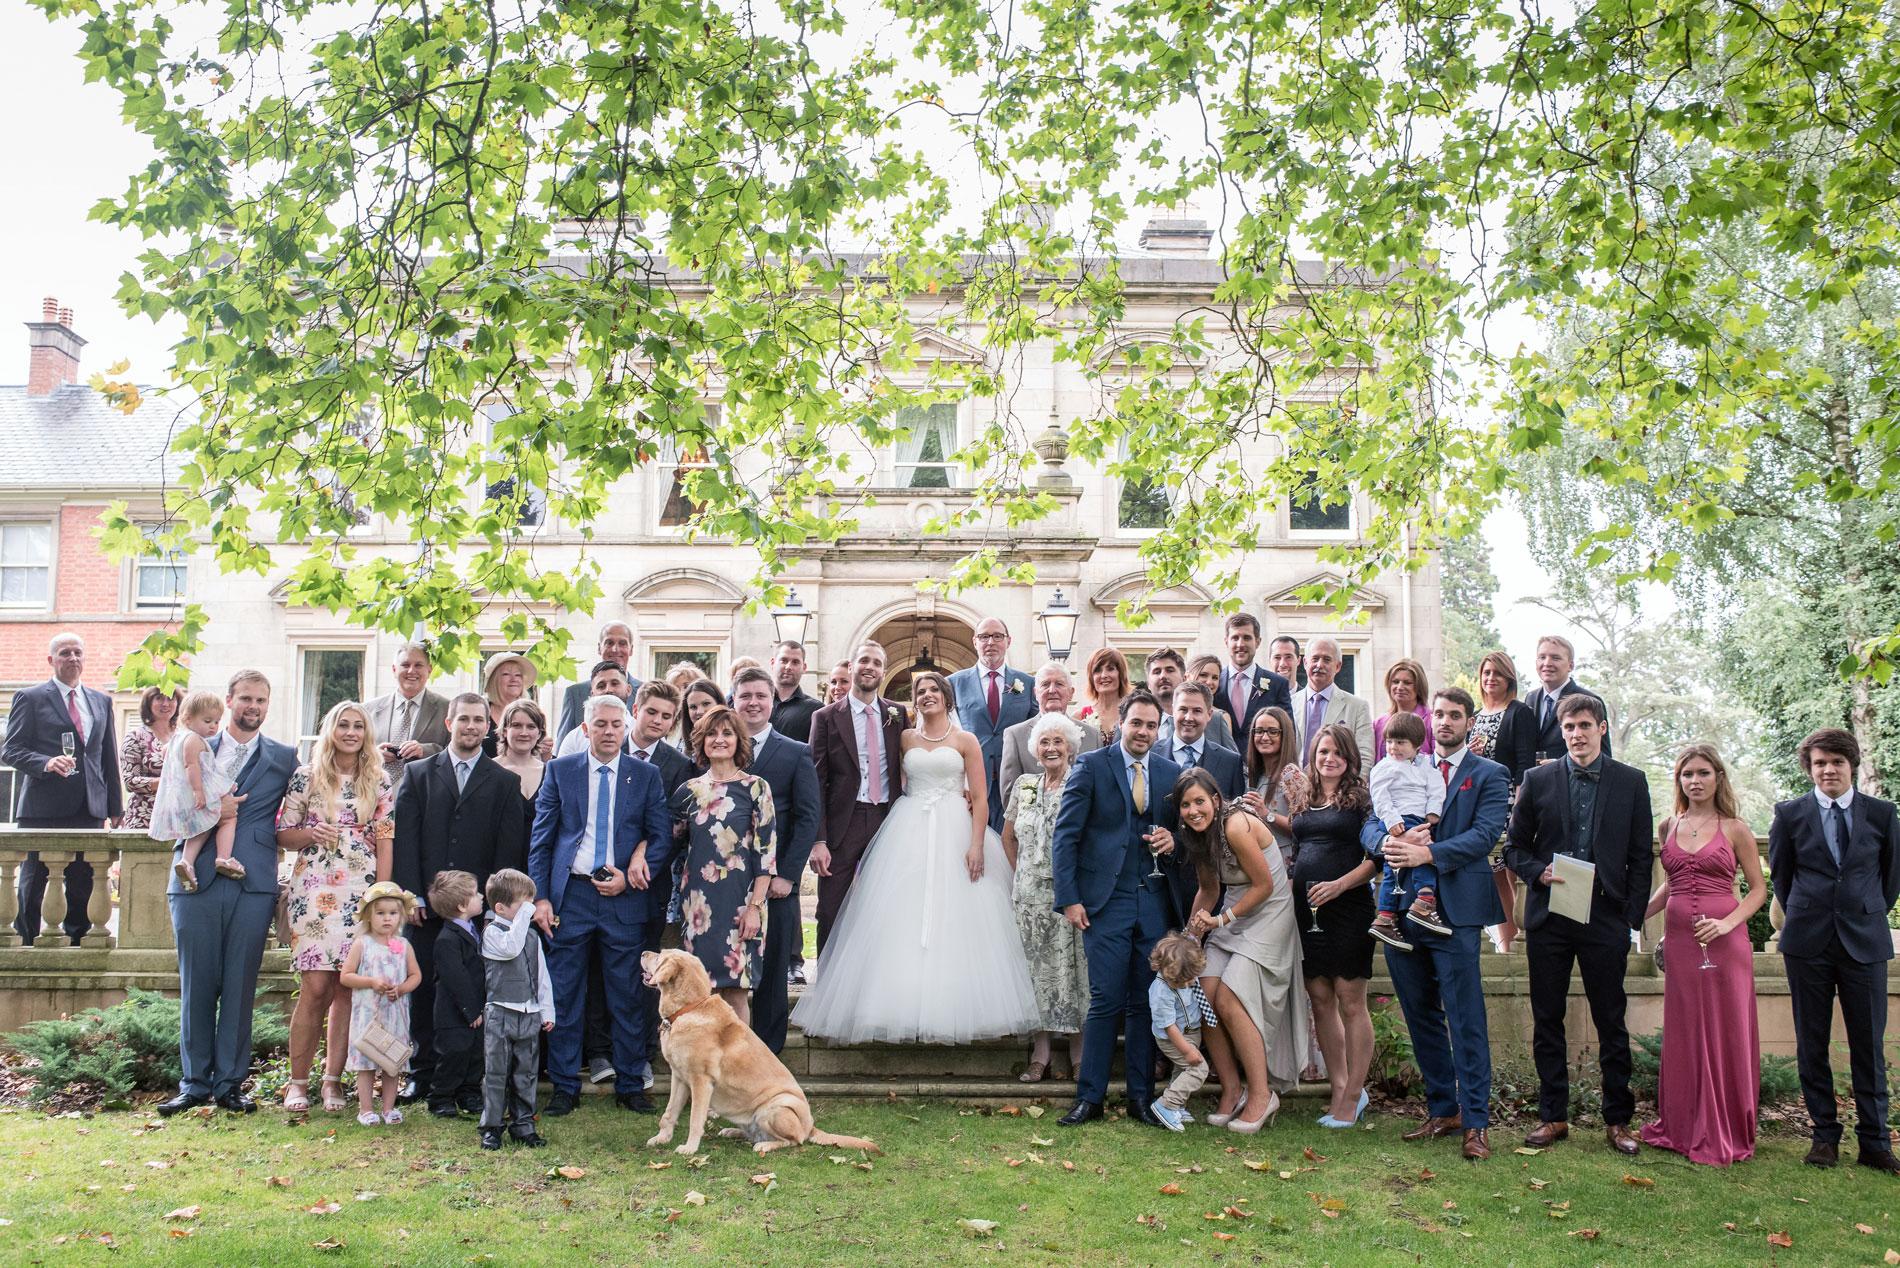 Kilworth-weddings-_54.jpg